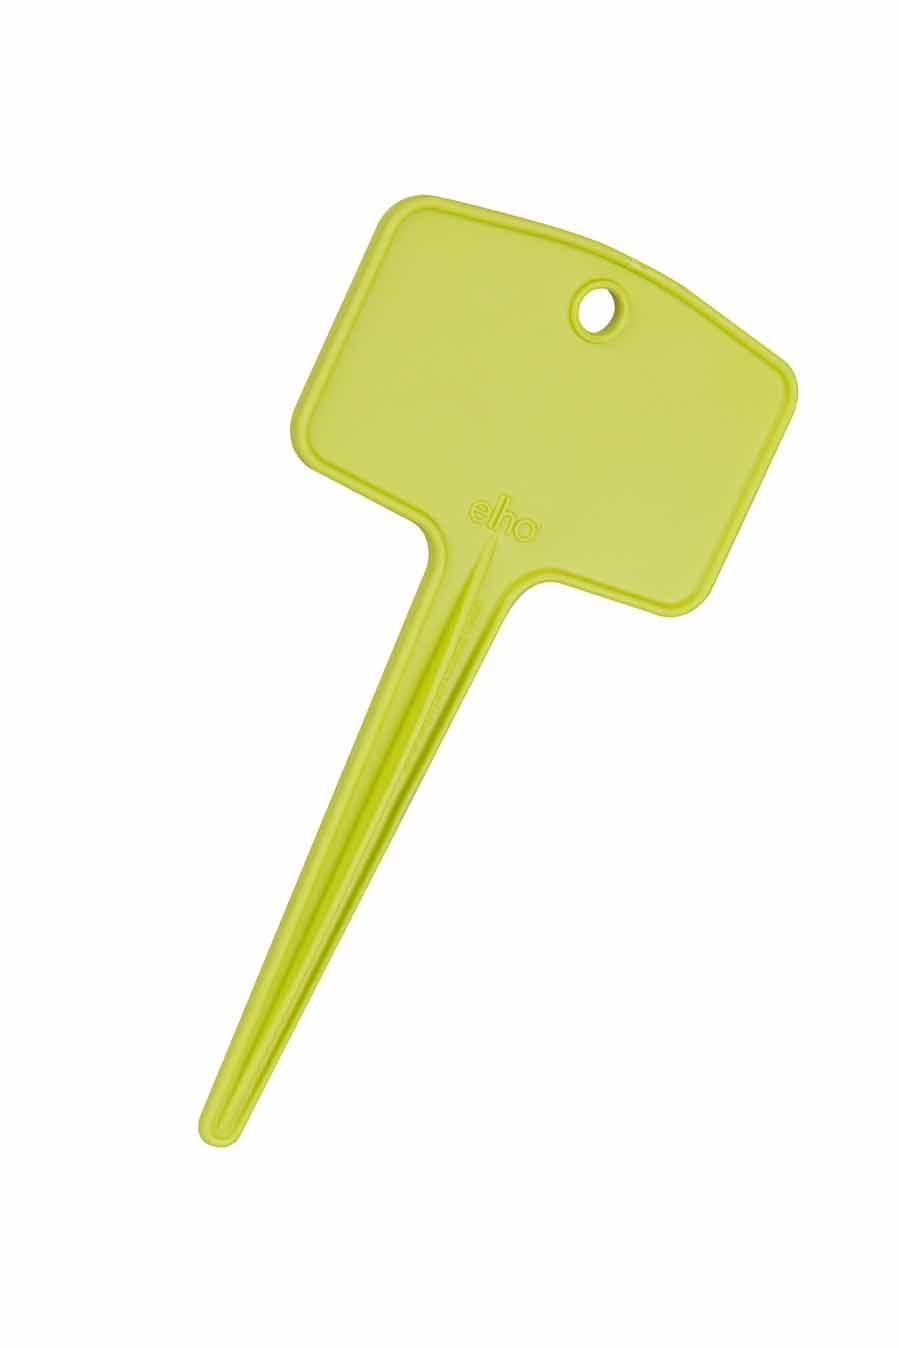 Pflanzschilder elho Green Basic 18x7cm limegreen 5 Stück Bild 1